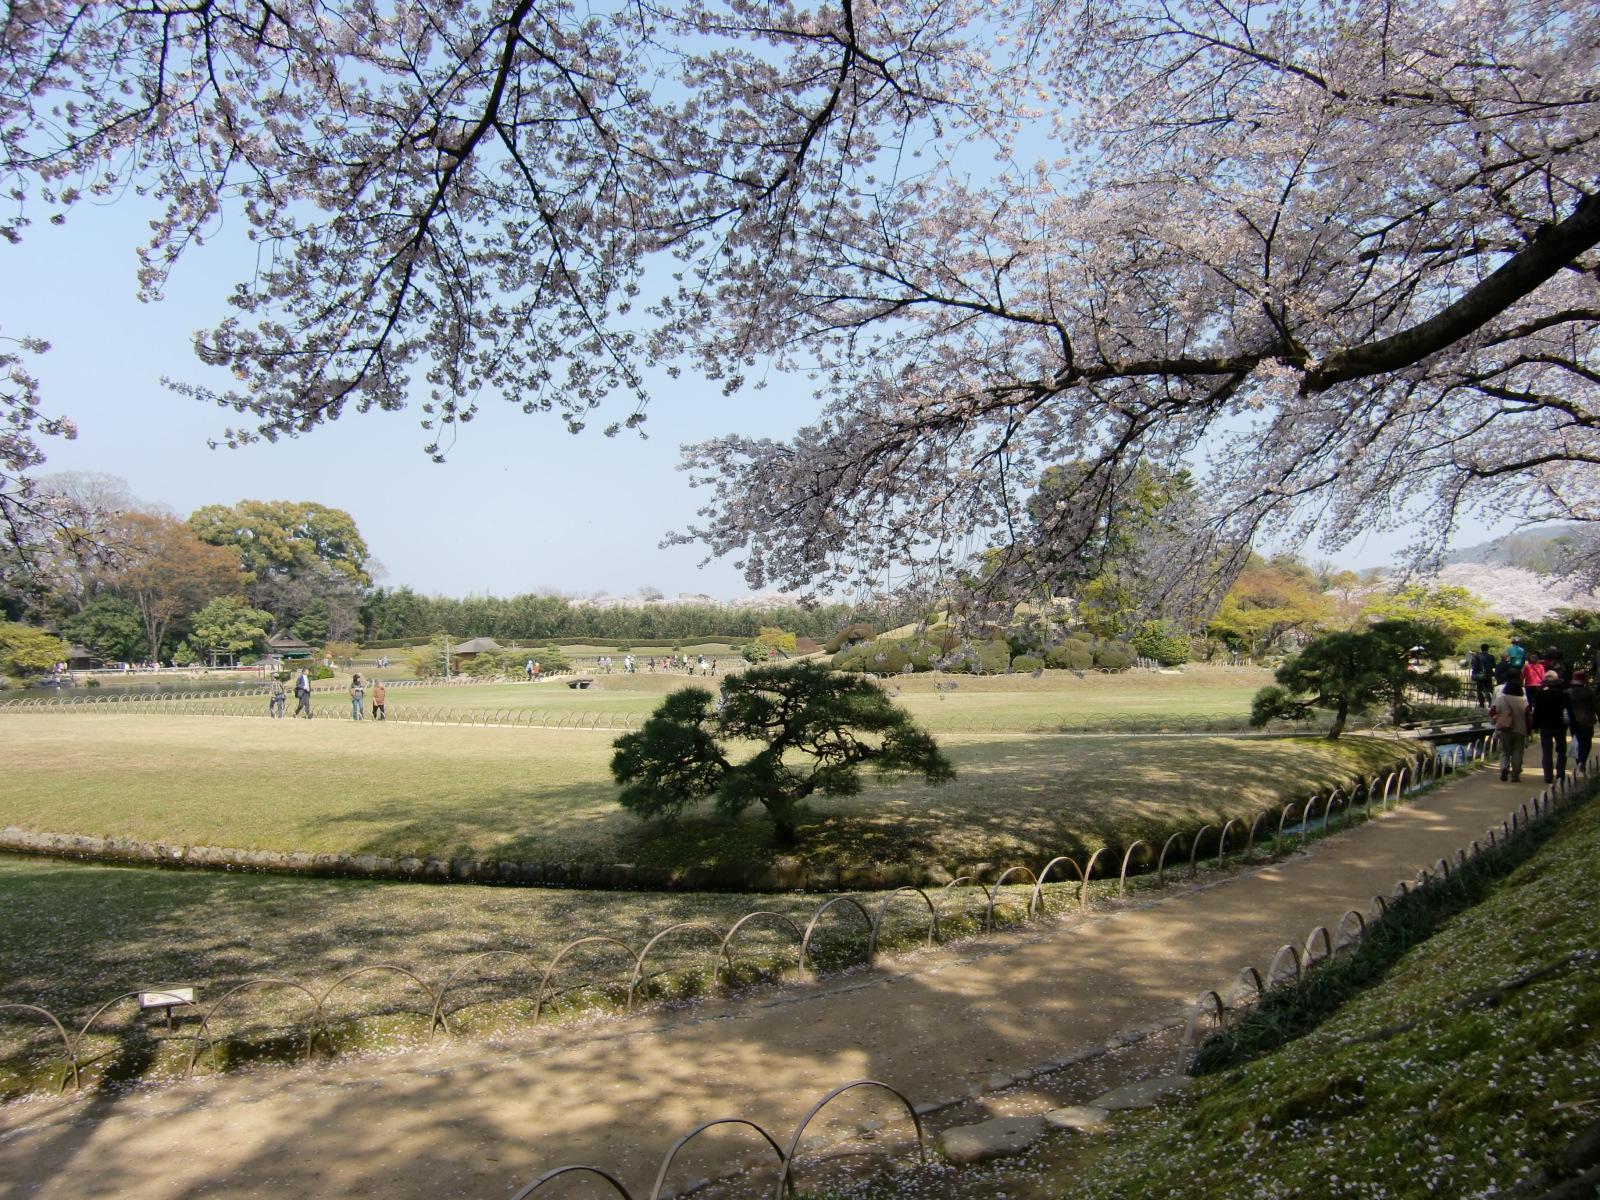 岡山後楽園の桜と唯心山(ゆいしんざん) 2009.4.7  「 一気に咲く桜の瞬発力を授かり 」